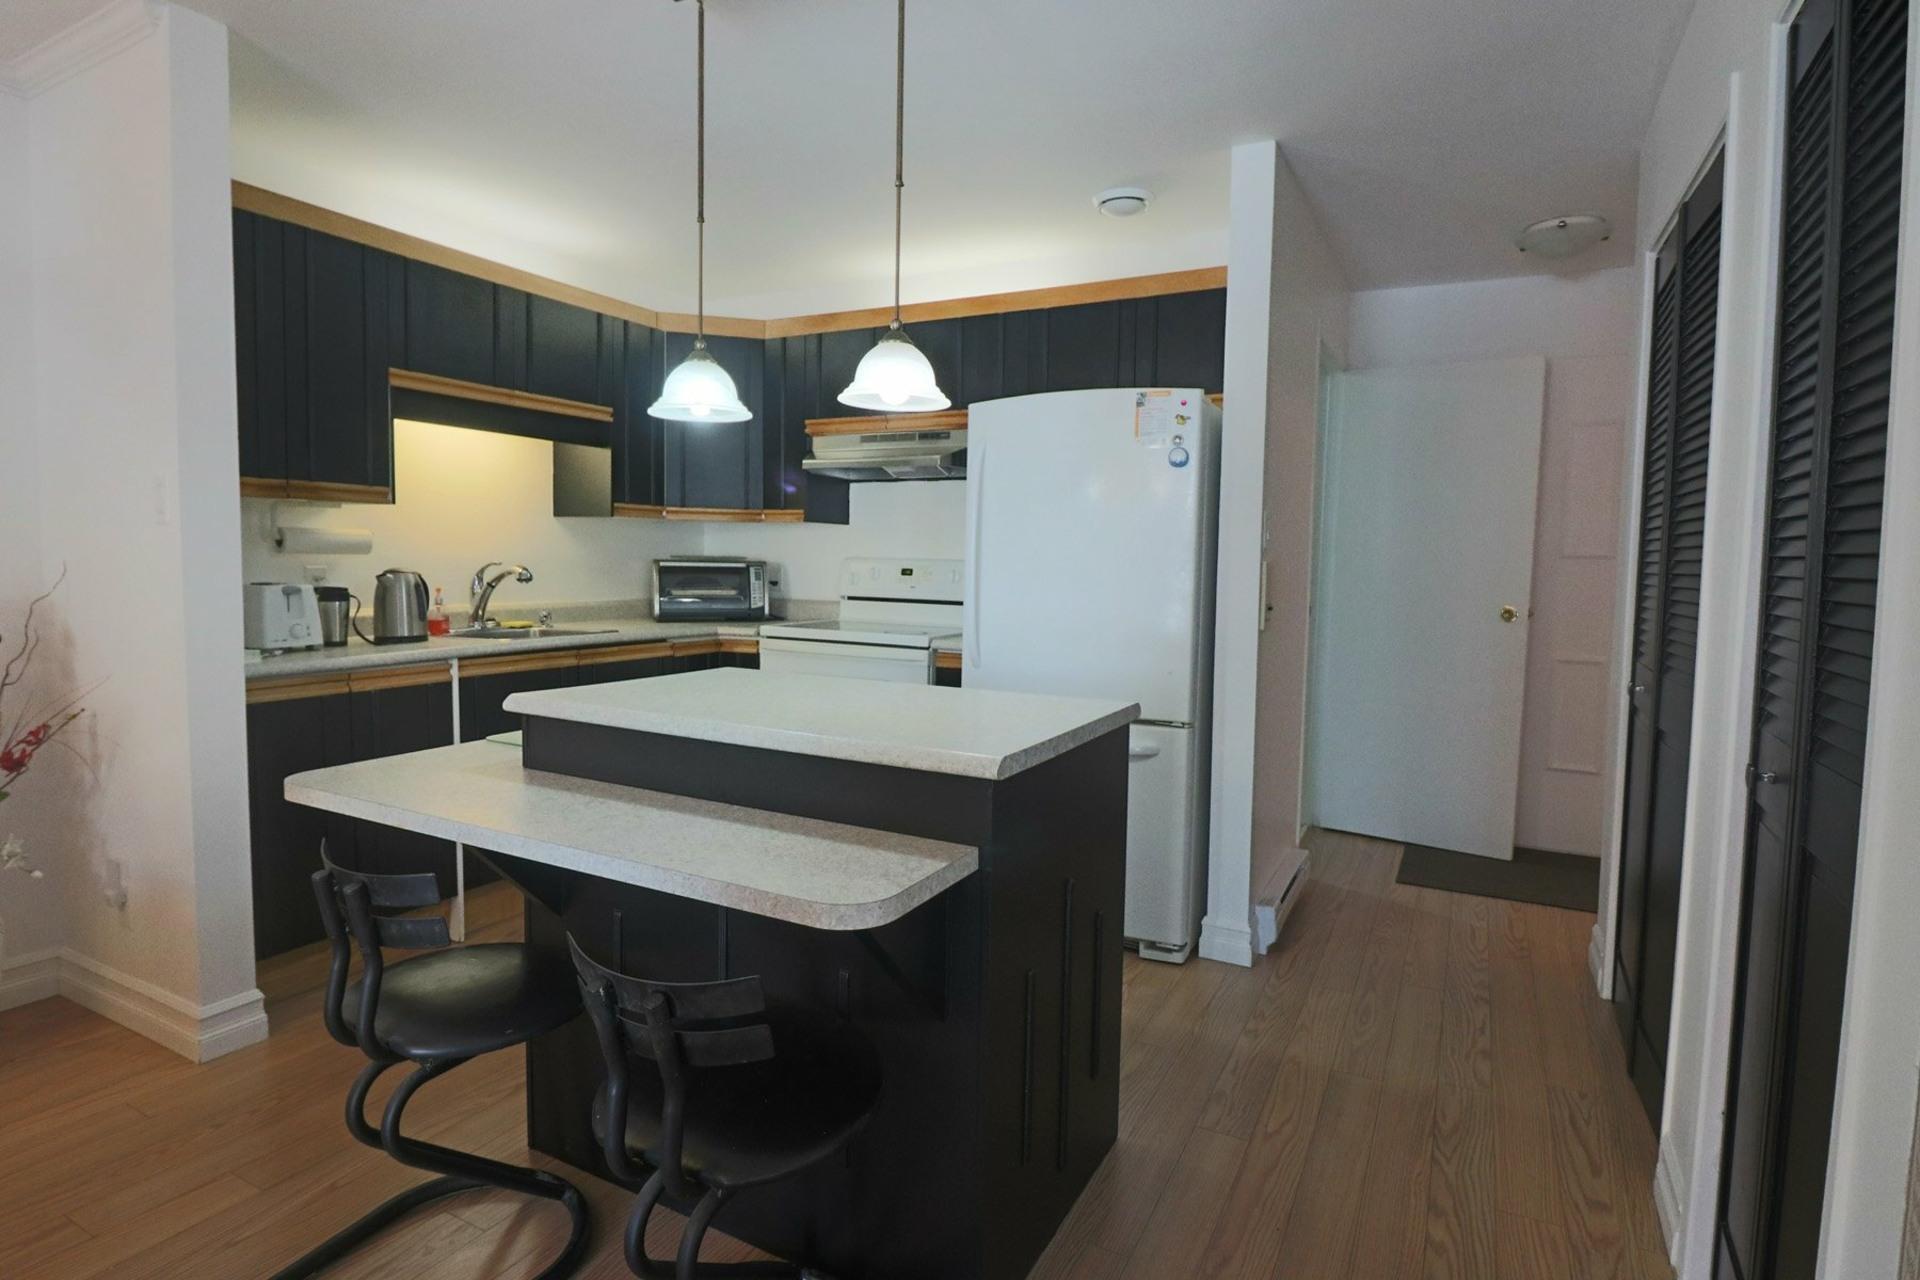 image 5 - Appartement À vendre Trois-Rivières - 8 pièces